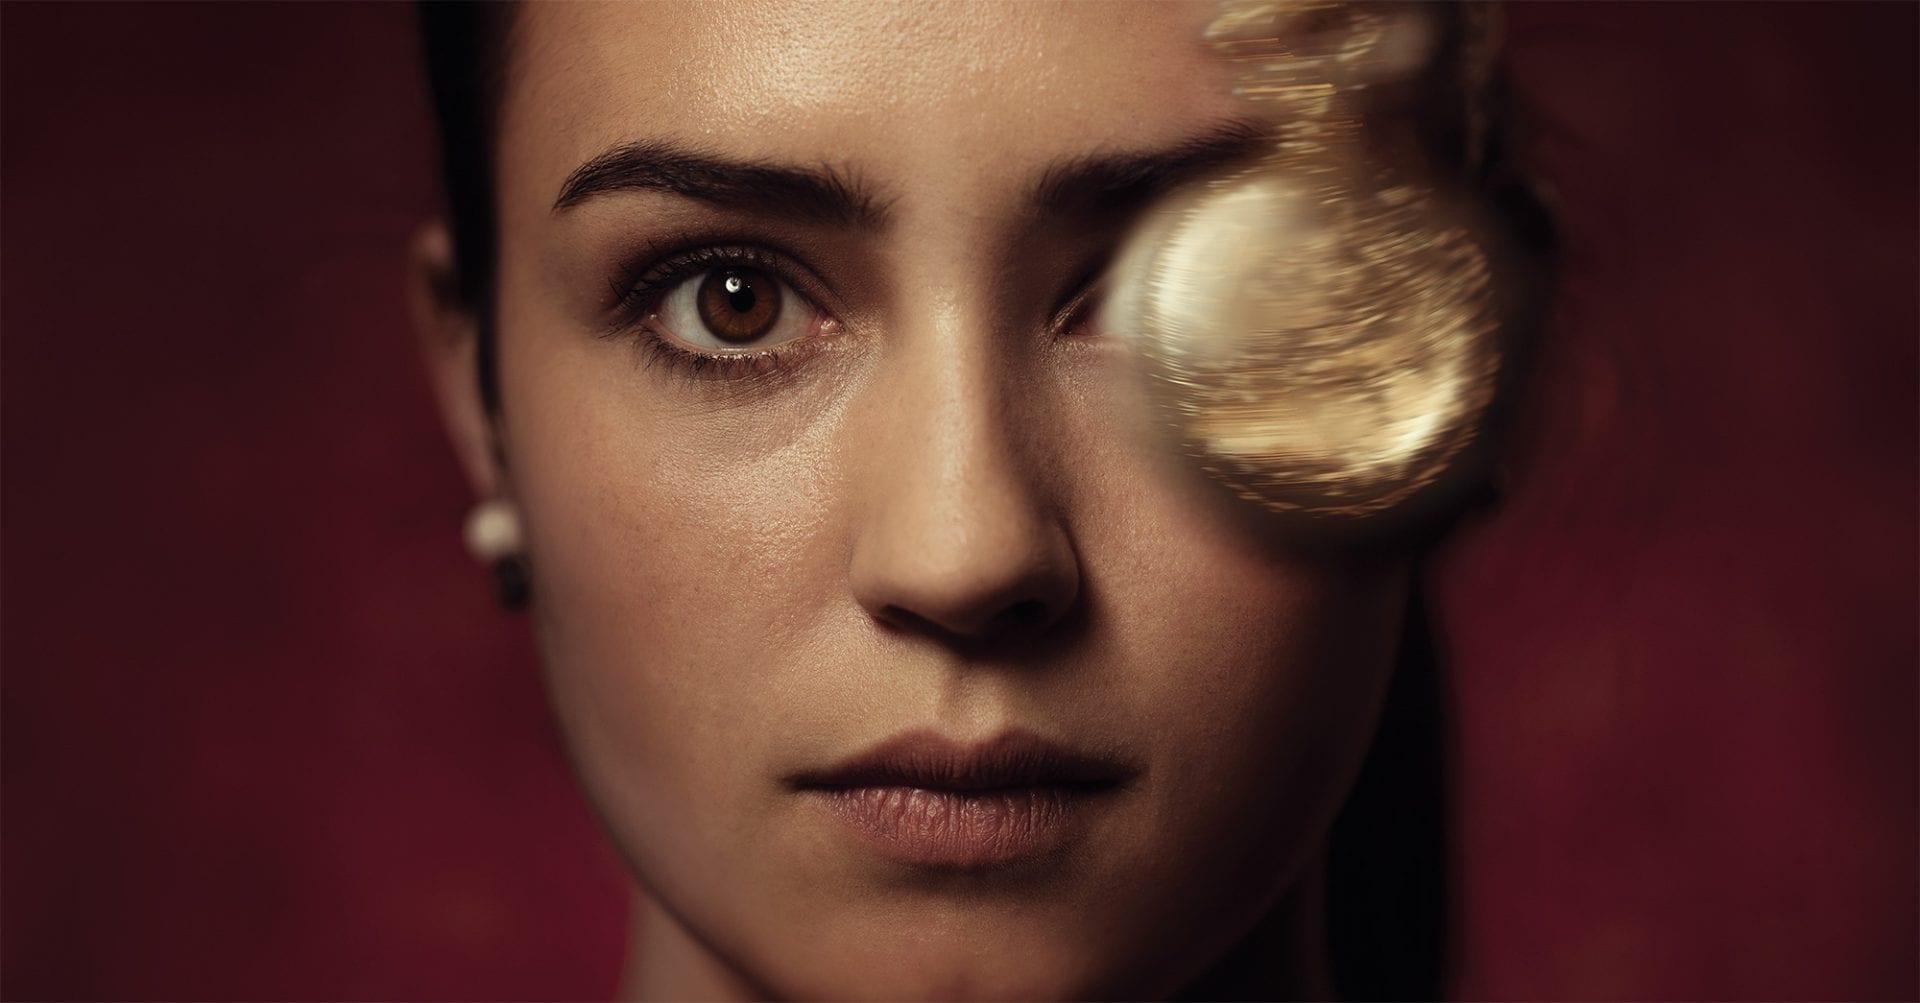 Hipnose - O que é, como é feita, para que serve, história e mitos